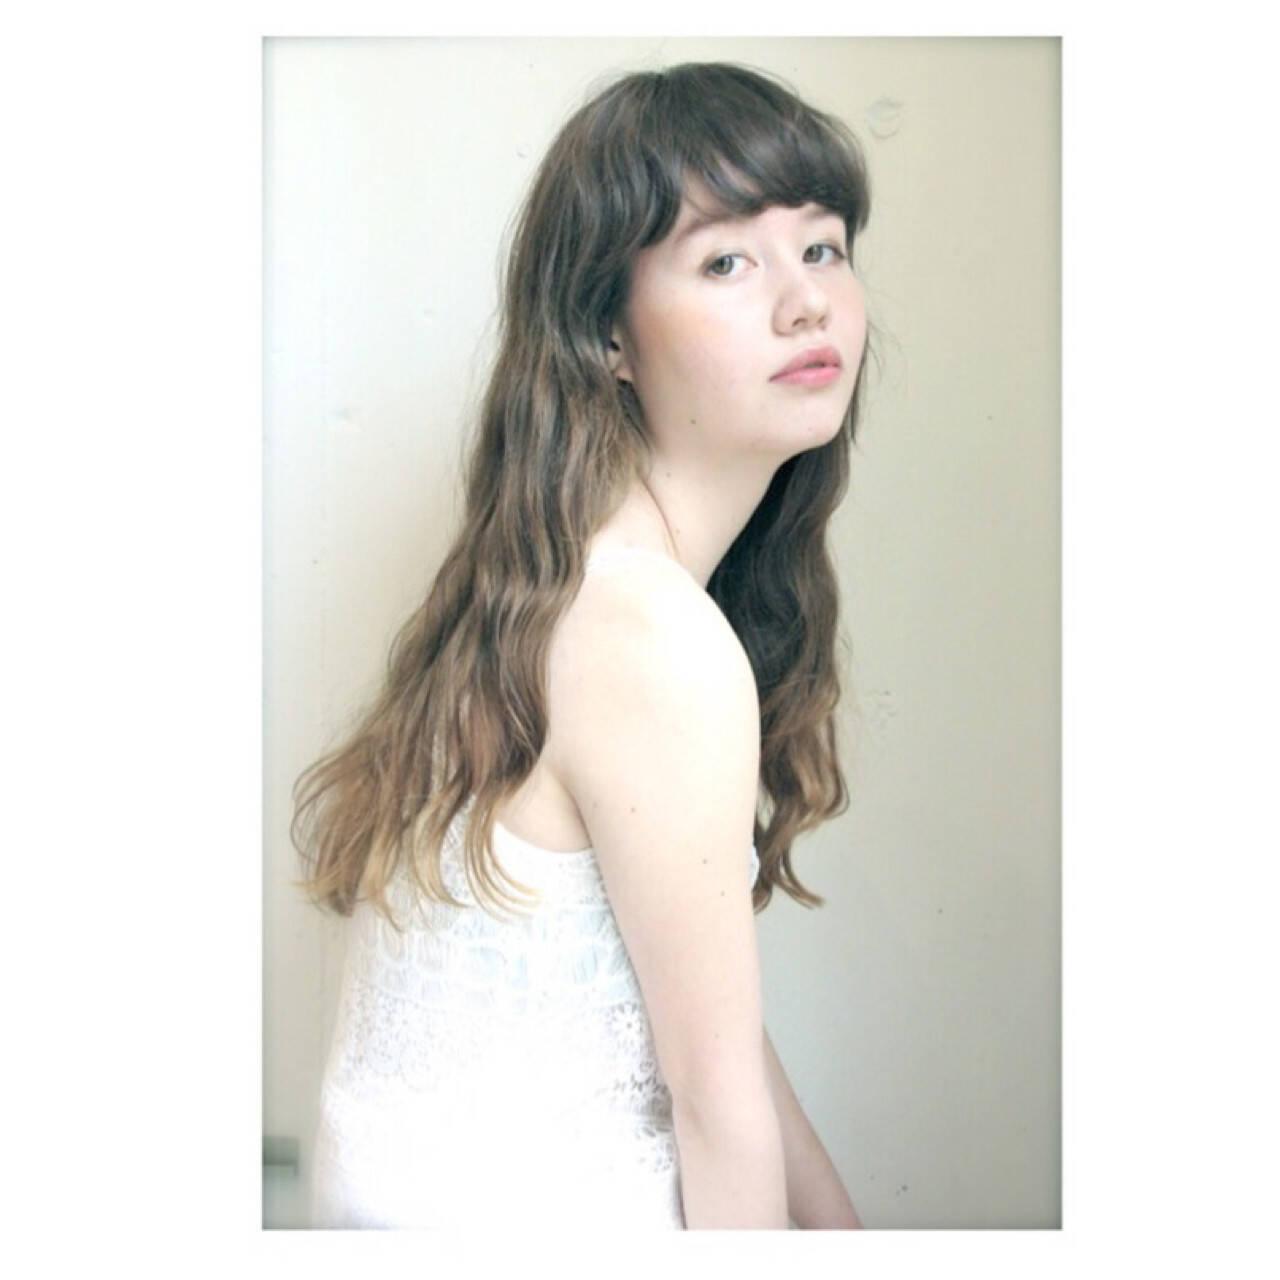 アッシュ ガーリー ウェーブ ロングヘアスタイルや髪型の写真・画像